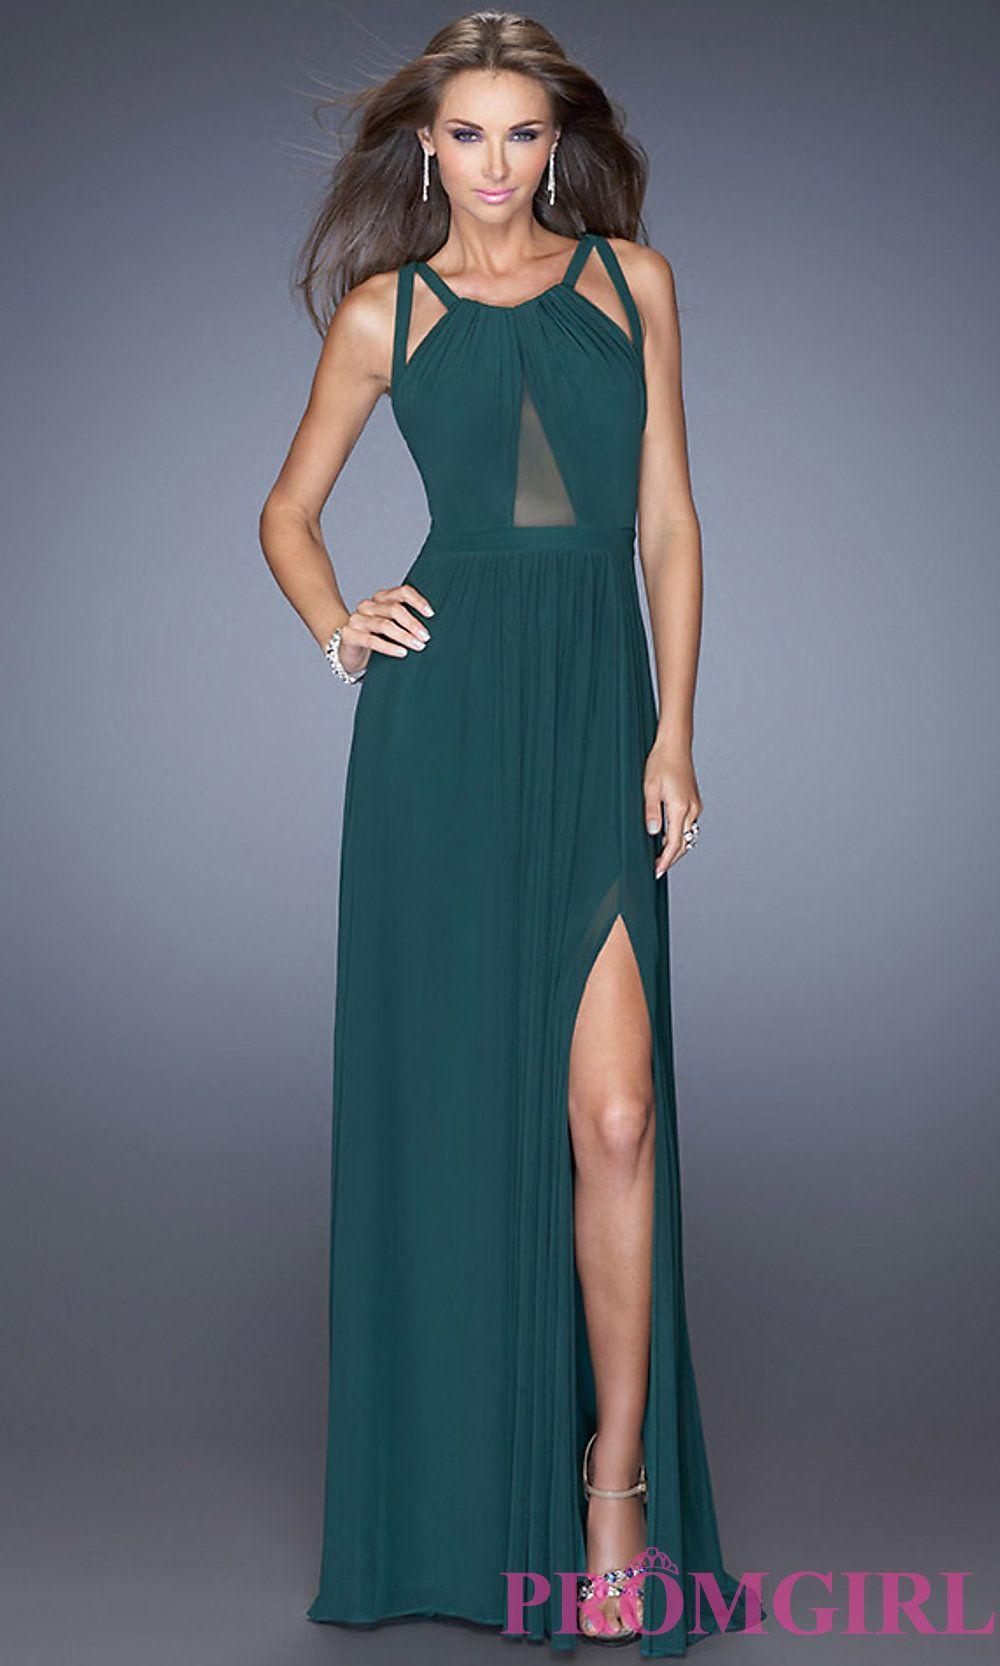 La Femme Long Open Back Dress- PromGirl   Fashion   Pinterest ...